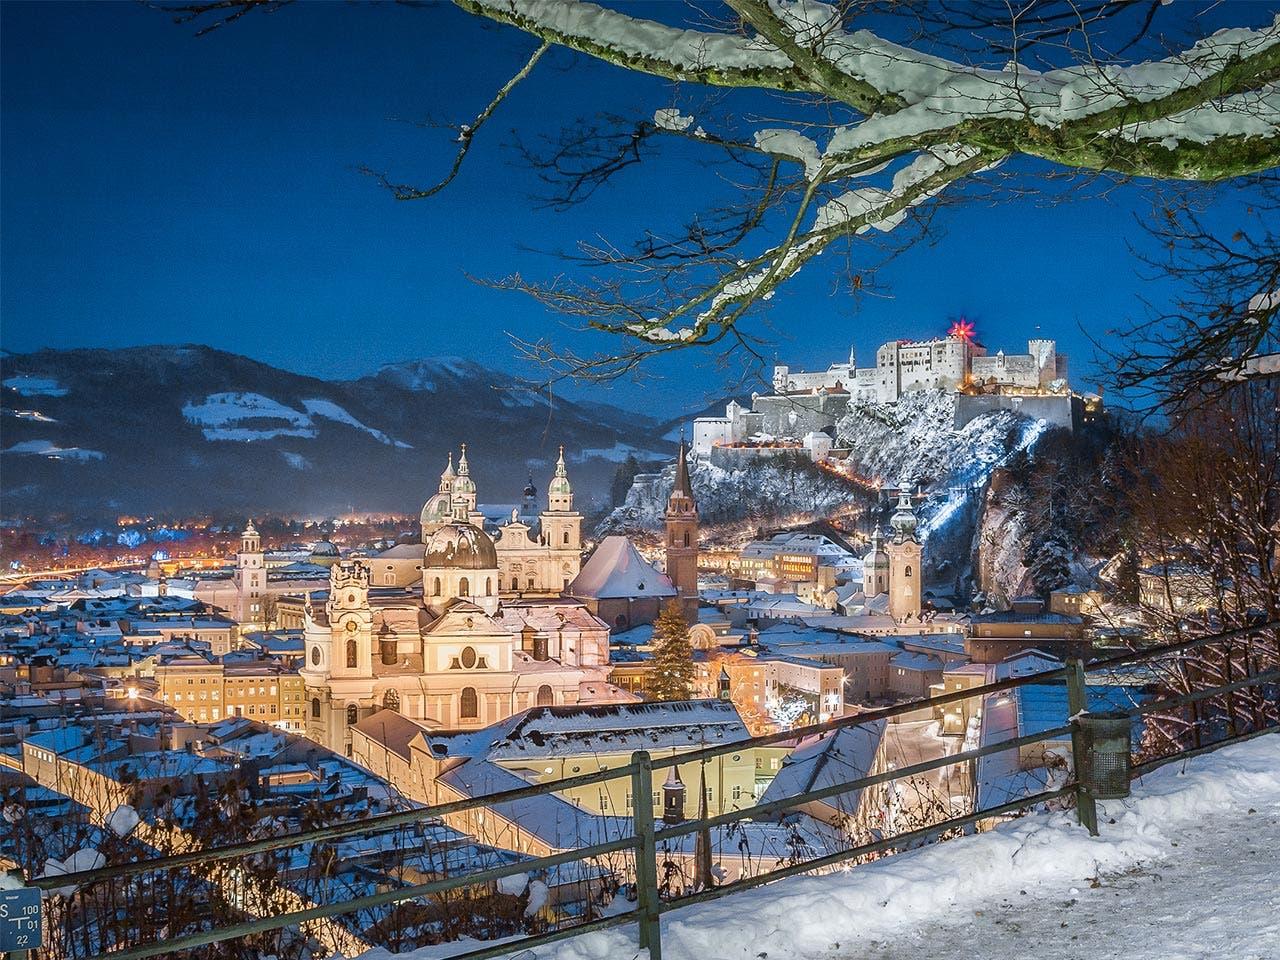 Austria | canadastock/Shutterstock.com